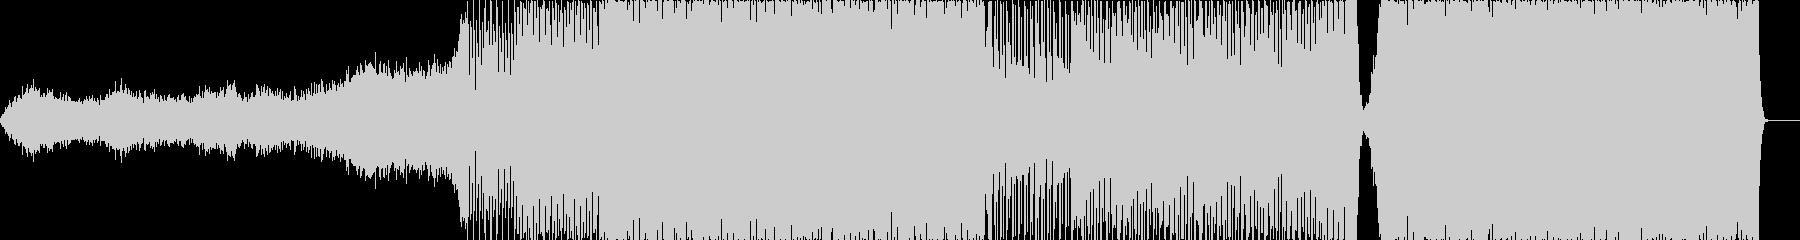 シンセを用いたノリのあるライブ演出BGMの未再生の波形